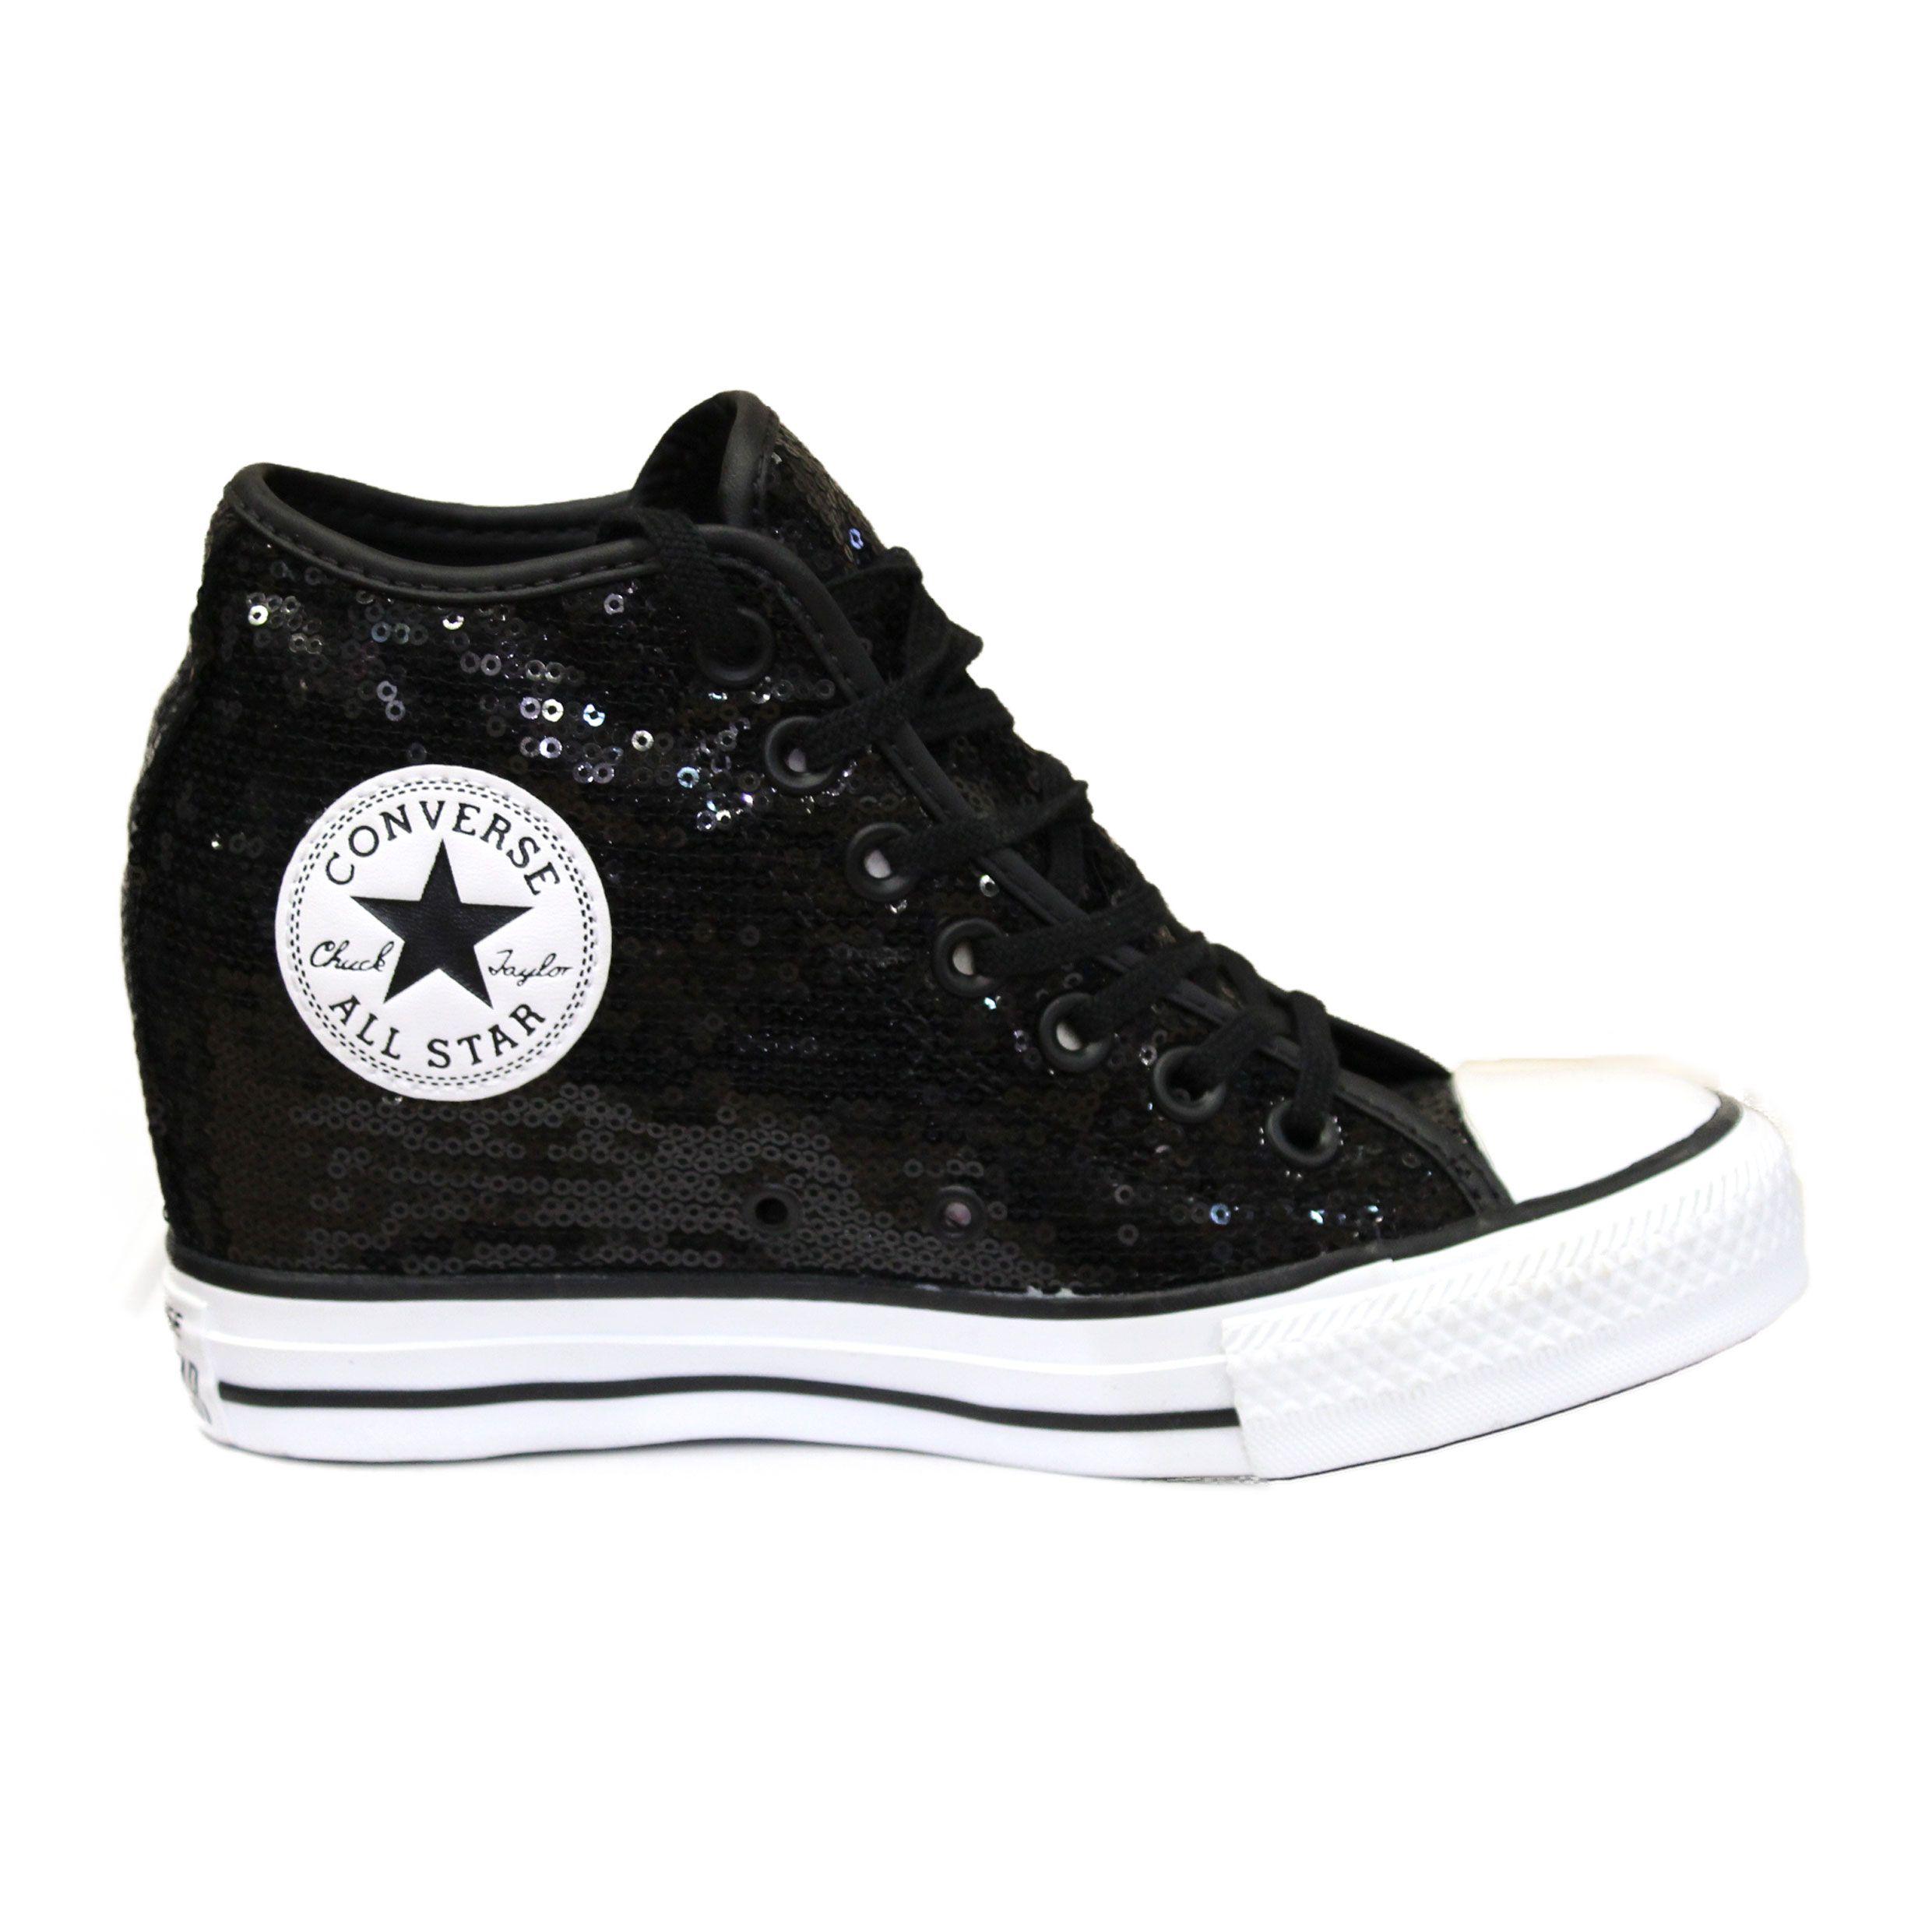 converse all star platform in pelle alte nere con glitter